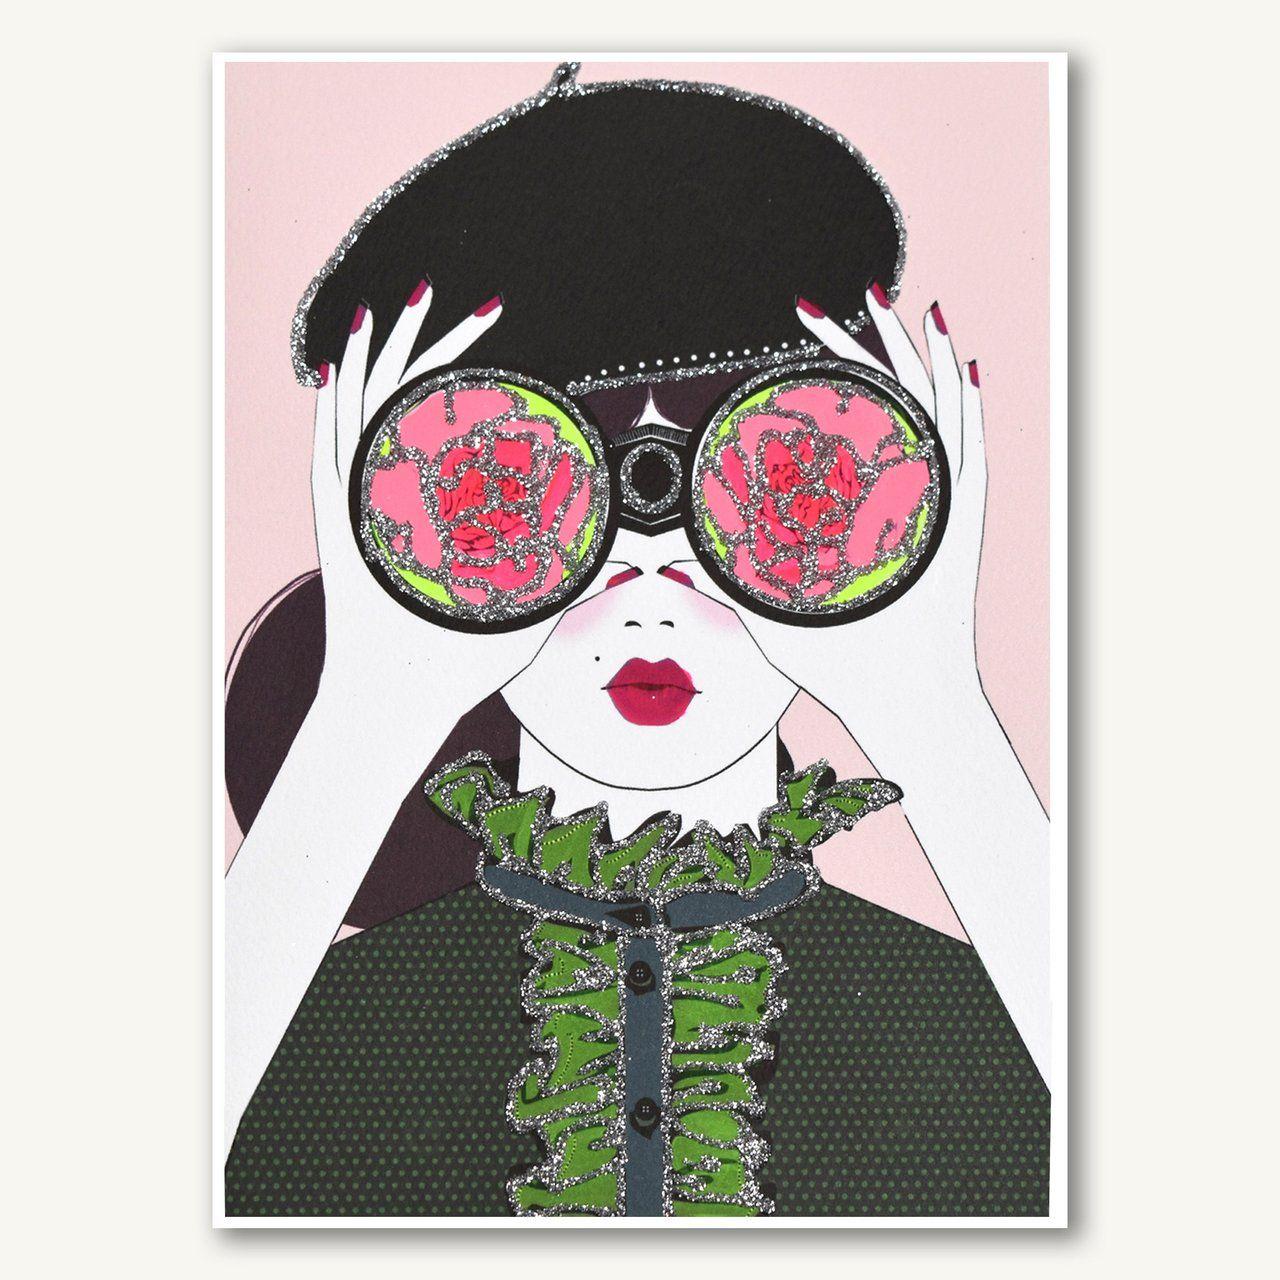 Rose Binoculars | Rose colored glasses, Neon painting, Artwork prints